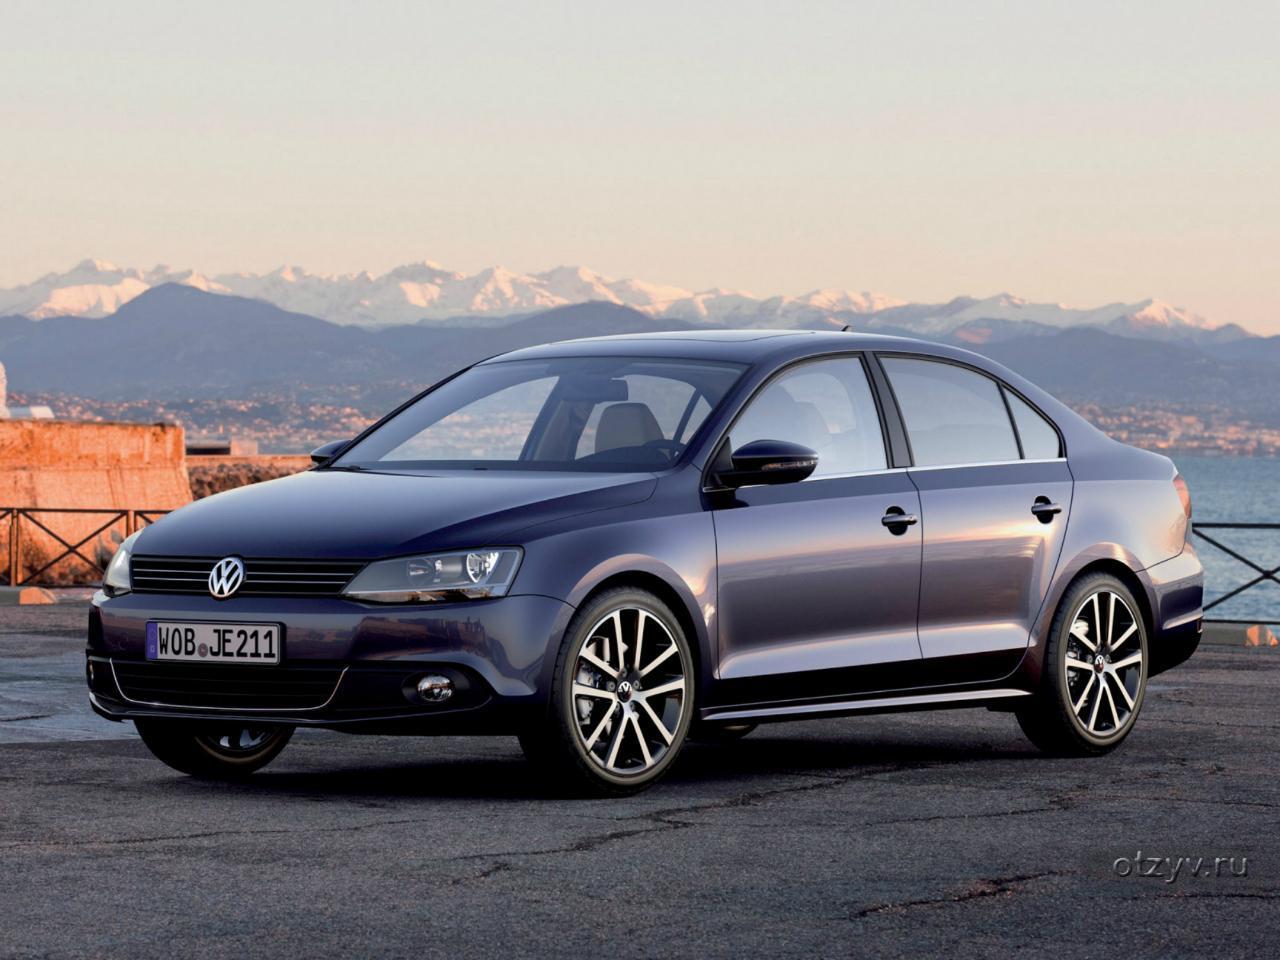 Volkswagen jetta фото 3